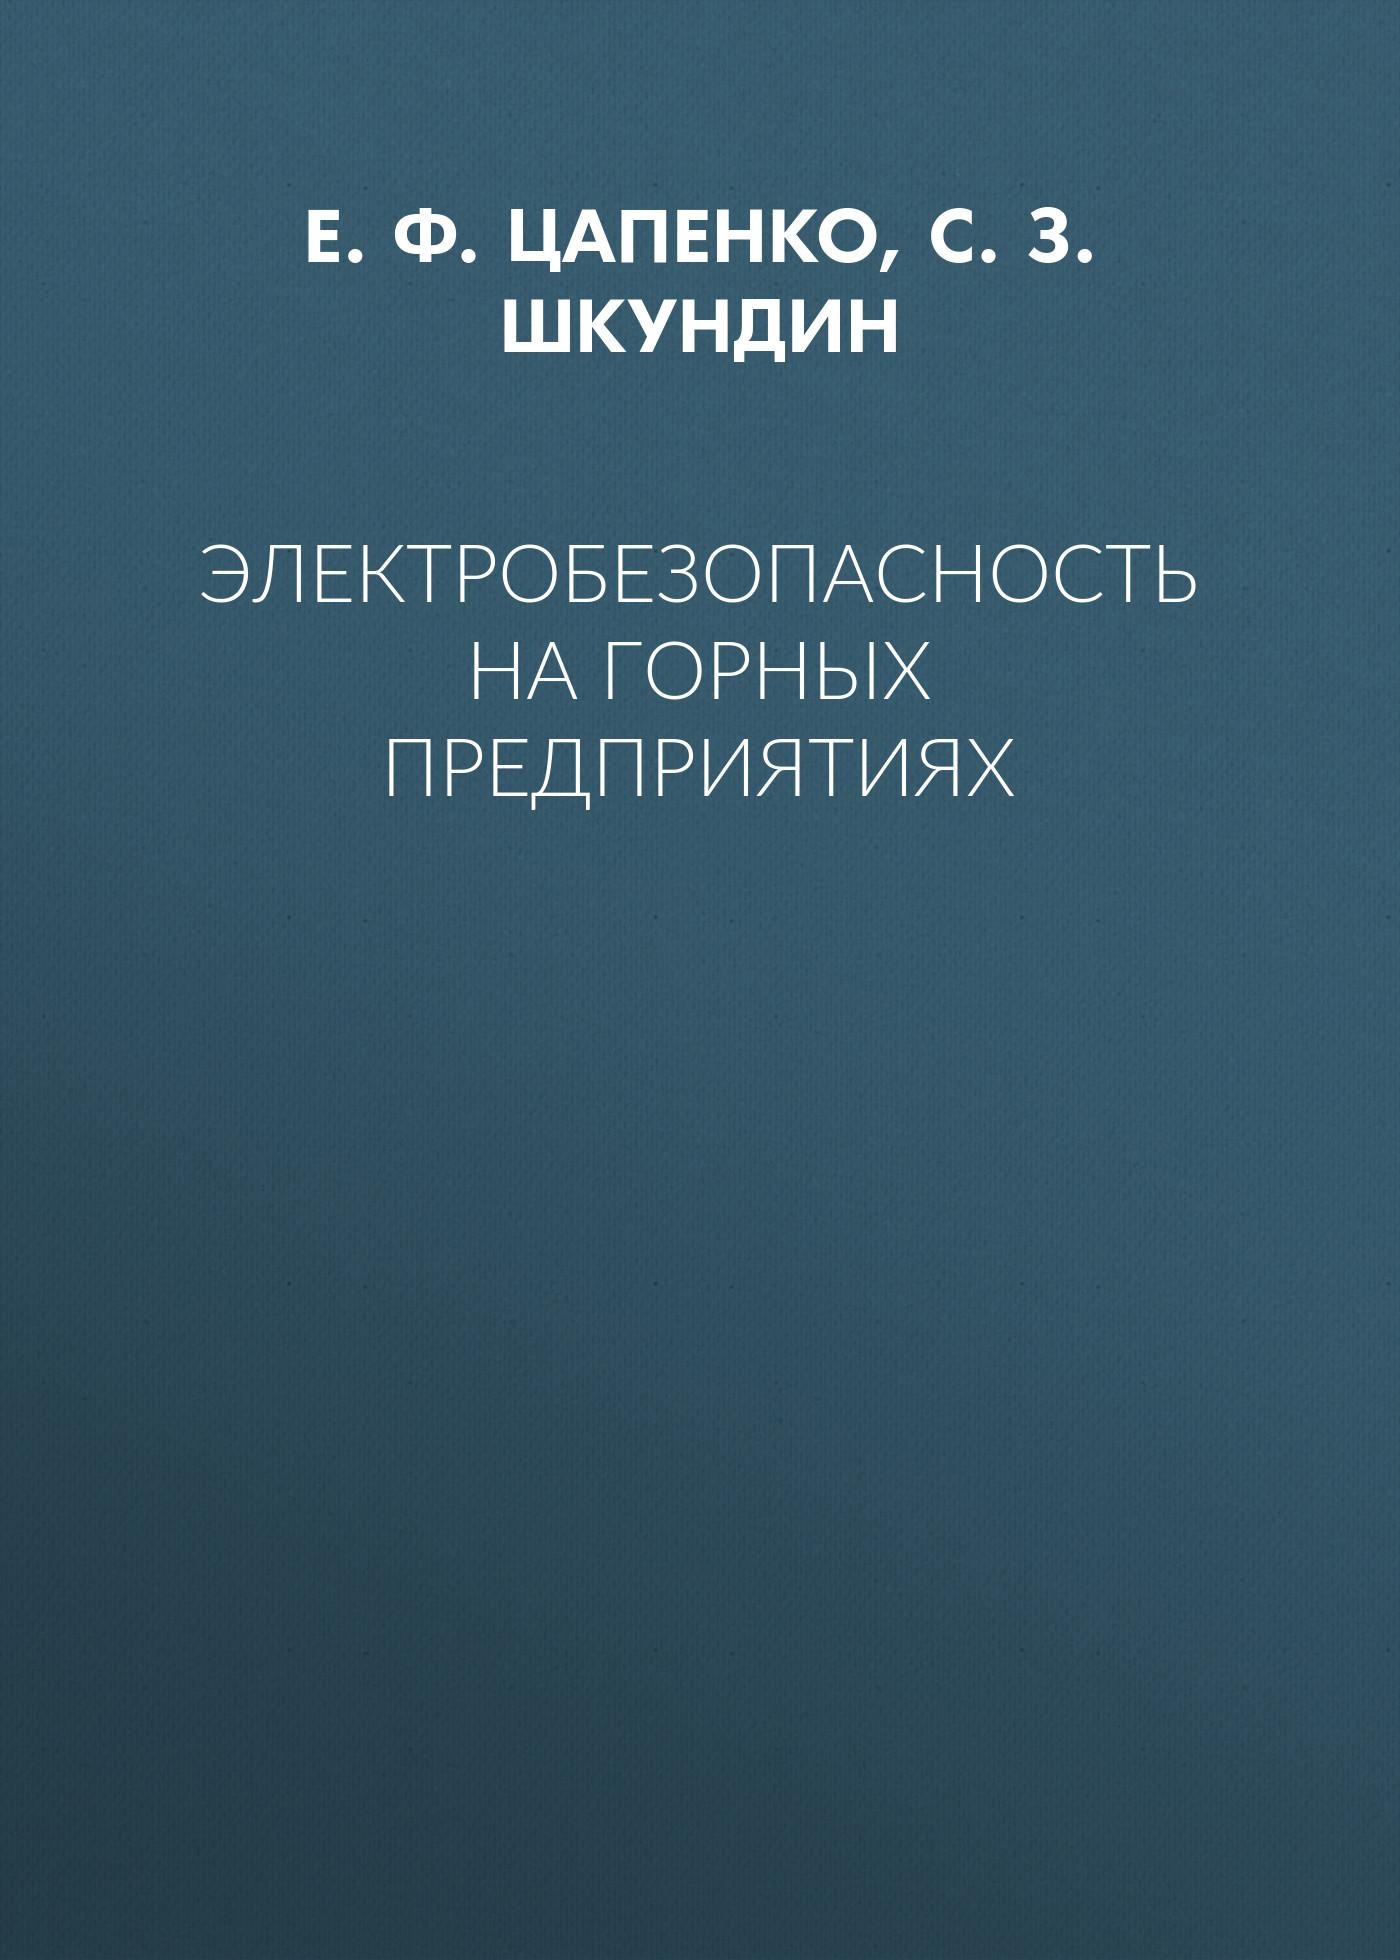 Е. Ф. Цапенко Электробезопасность на горных предприятиях дубинский г левин л наладка устройств электроснабжения напряжением до 1000 в